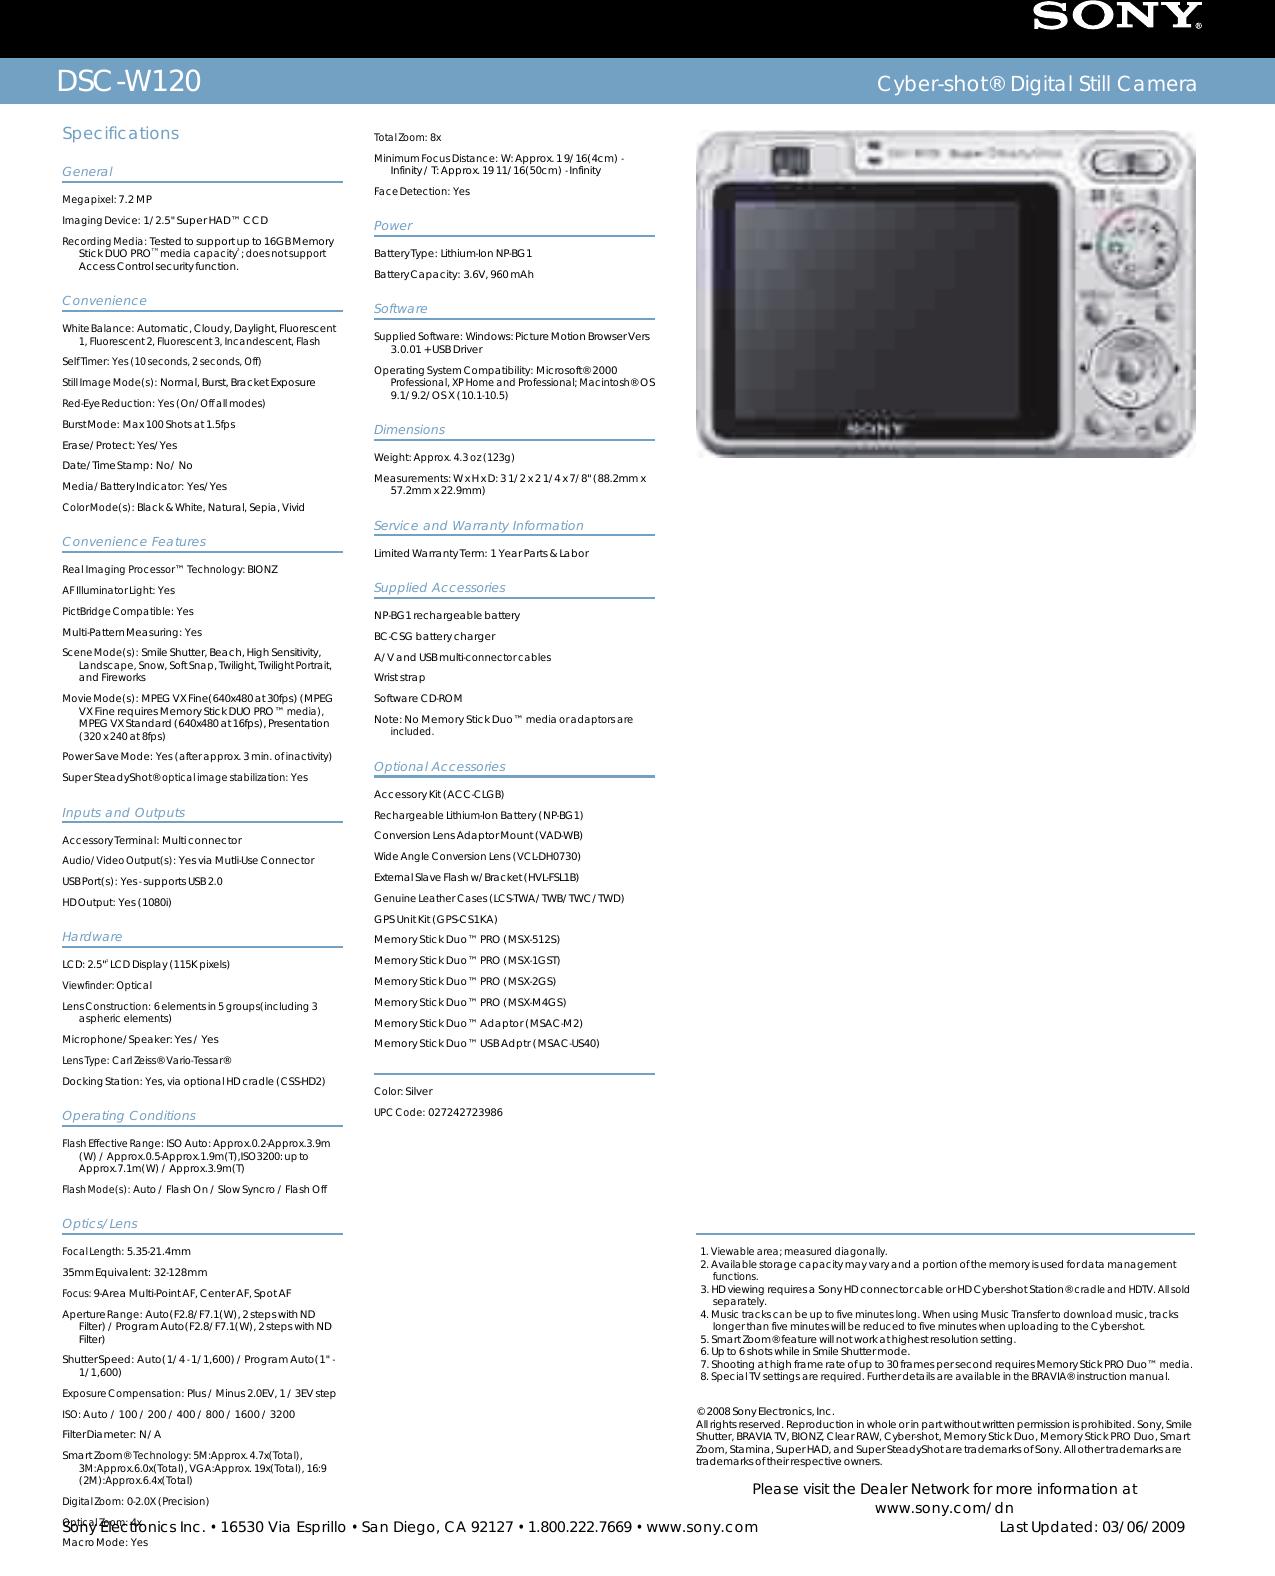 Sony DSC W120 User Manual Marketing Specifications (Silver